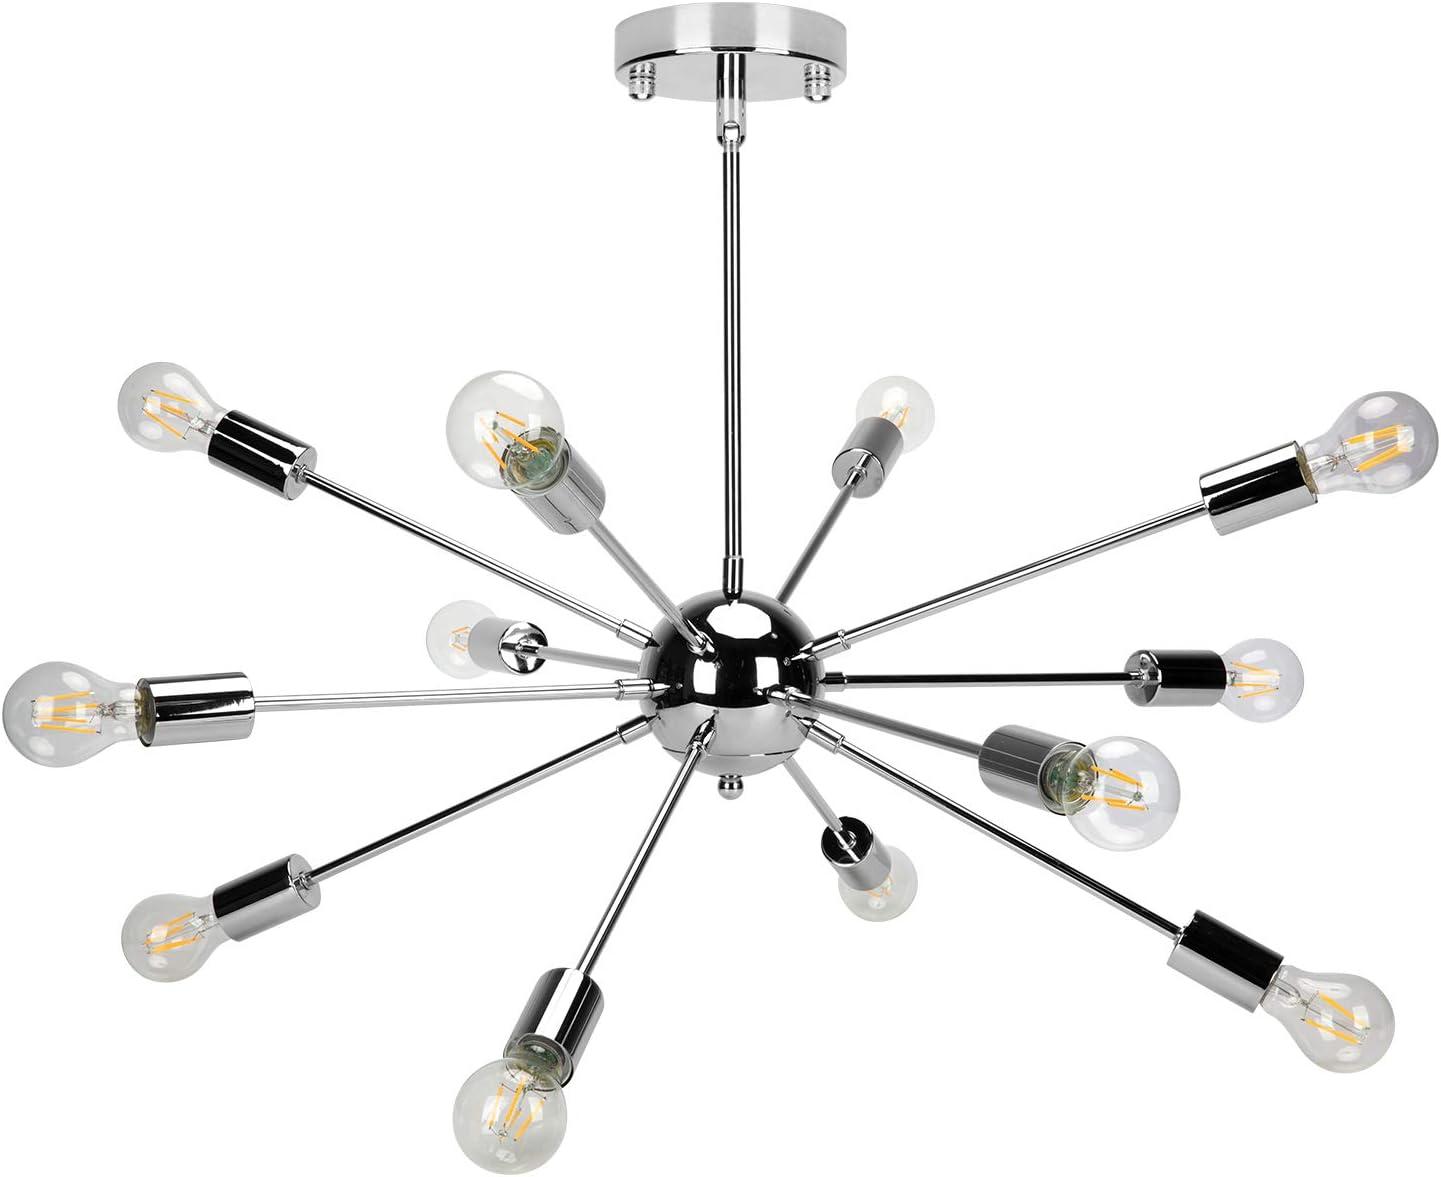 Chandelier Lighting Industry No. 1 Modern Metal 6 8 Li Light Lights Ceiling 12 Outlet SALE